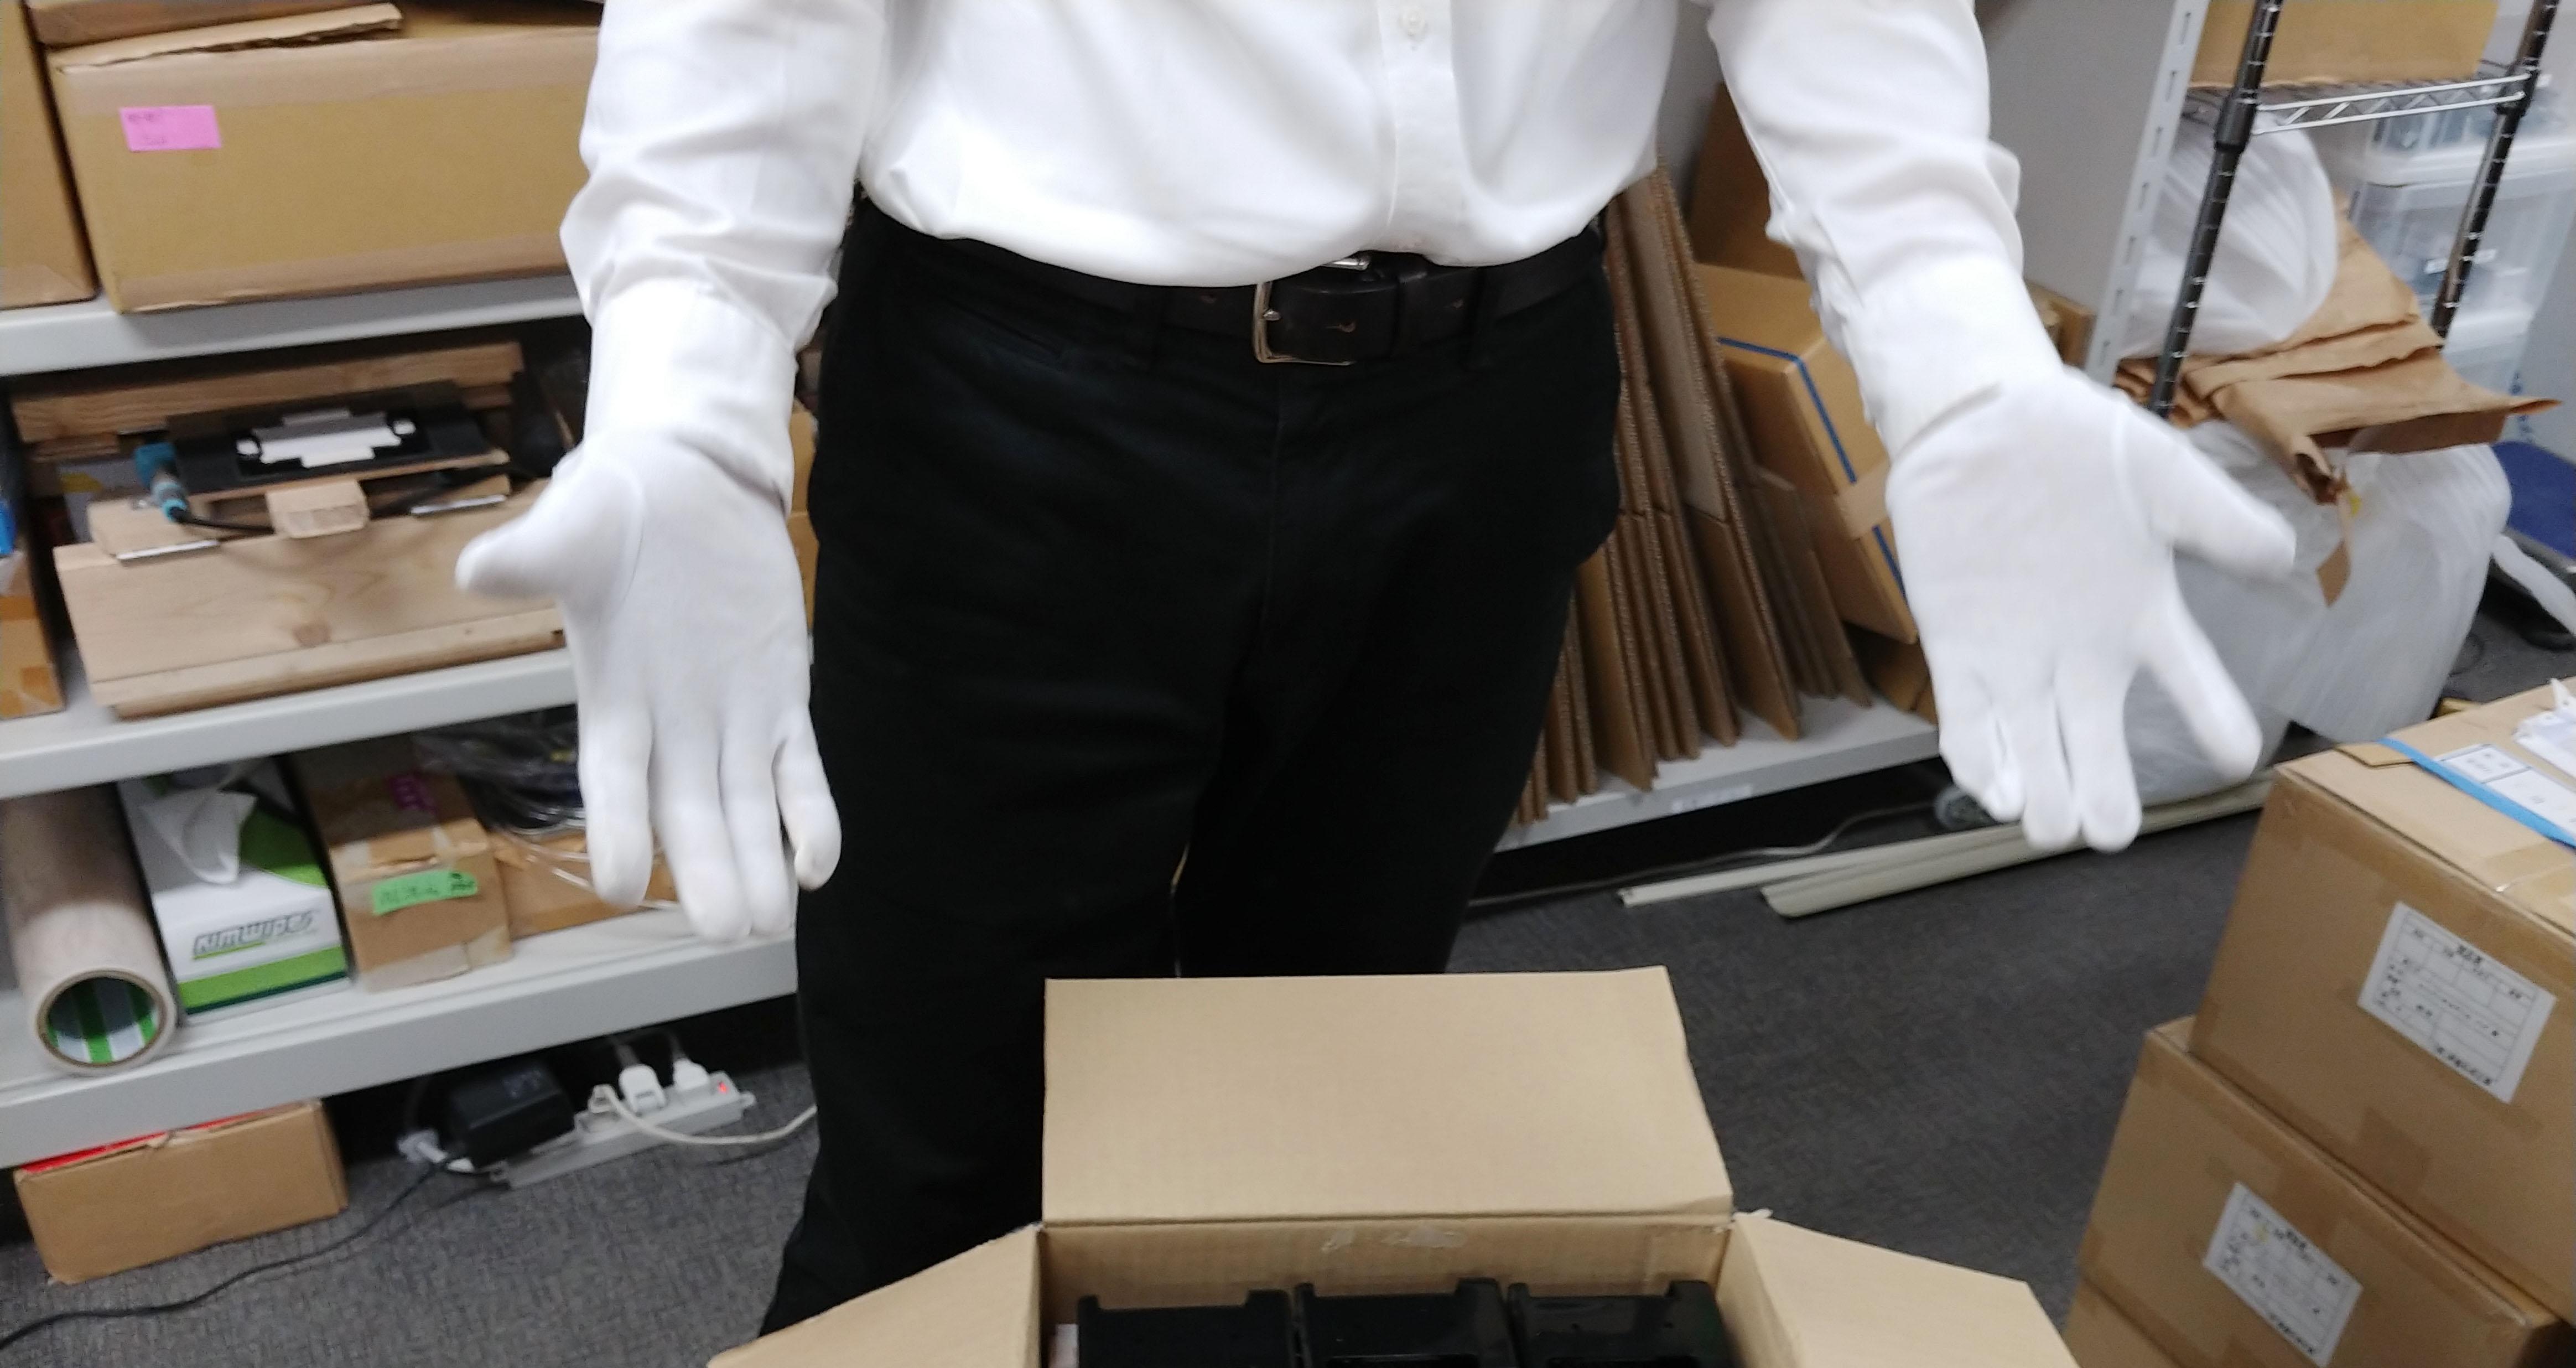 製品検品用の白手袋